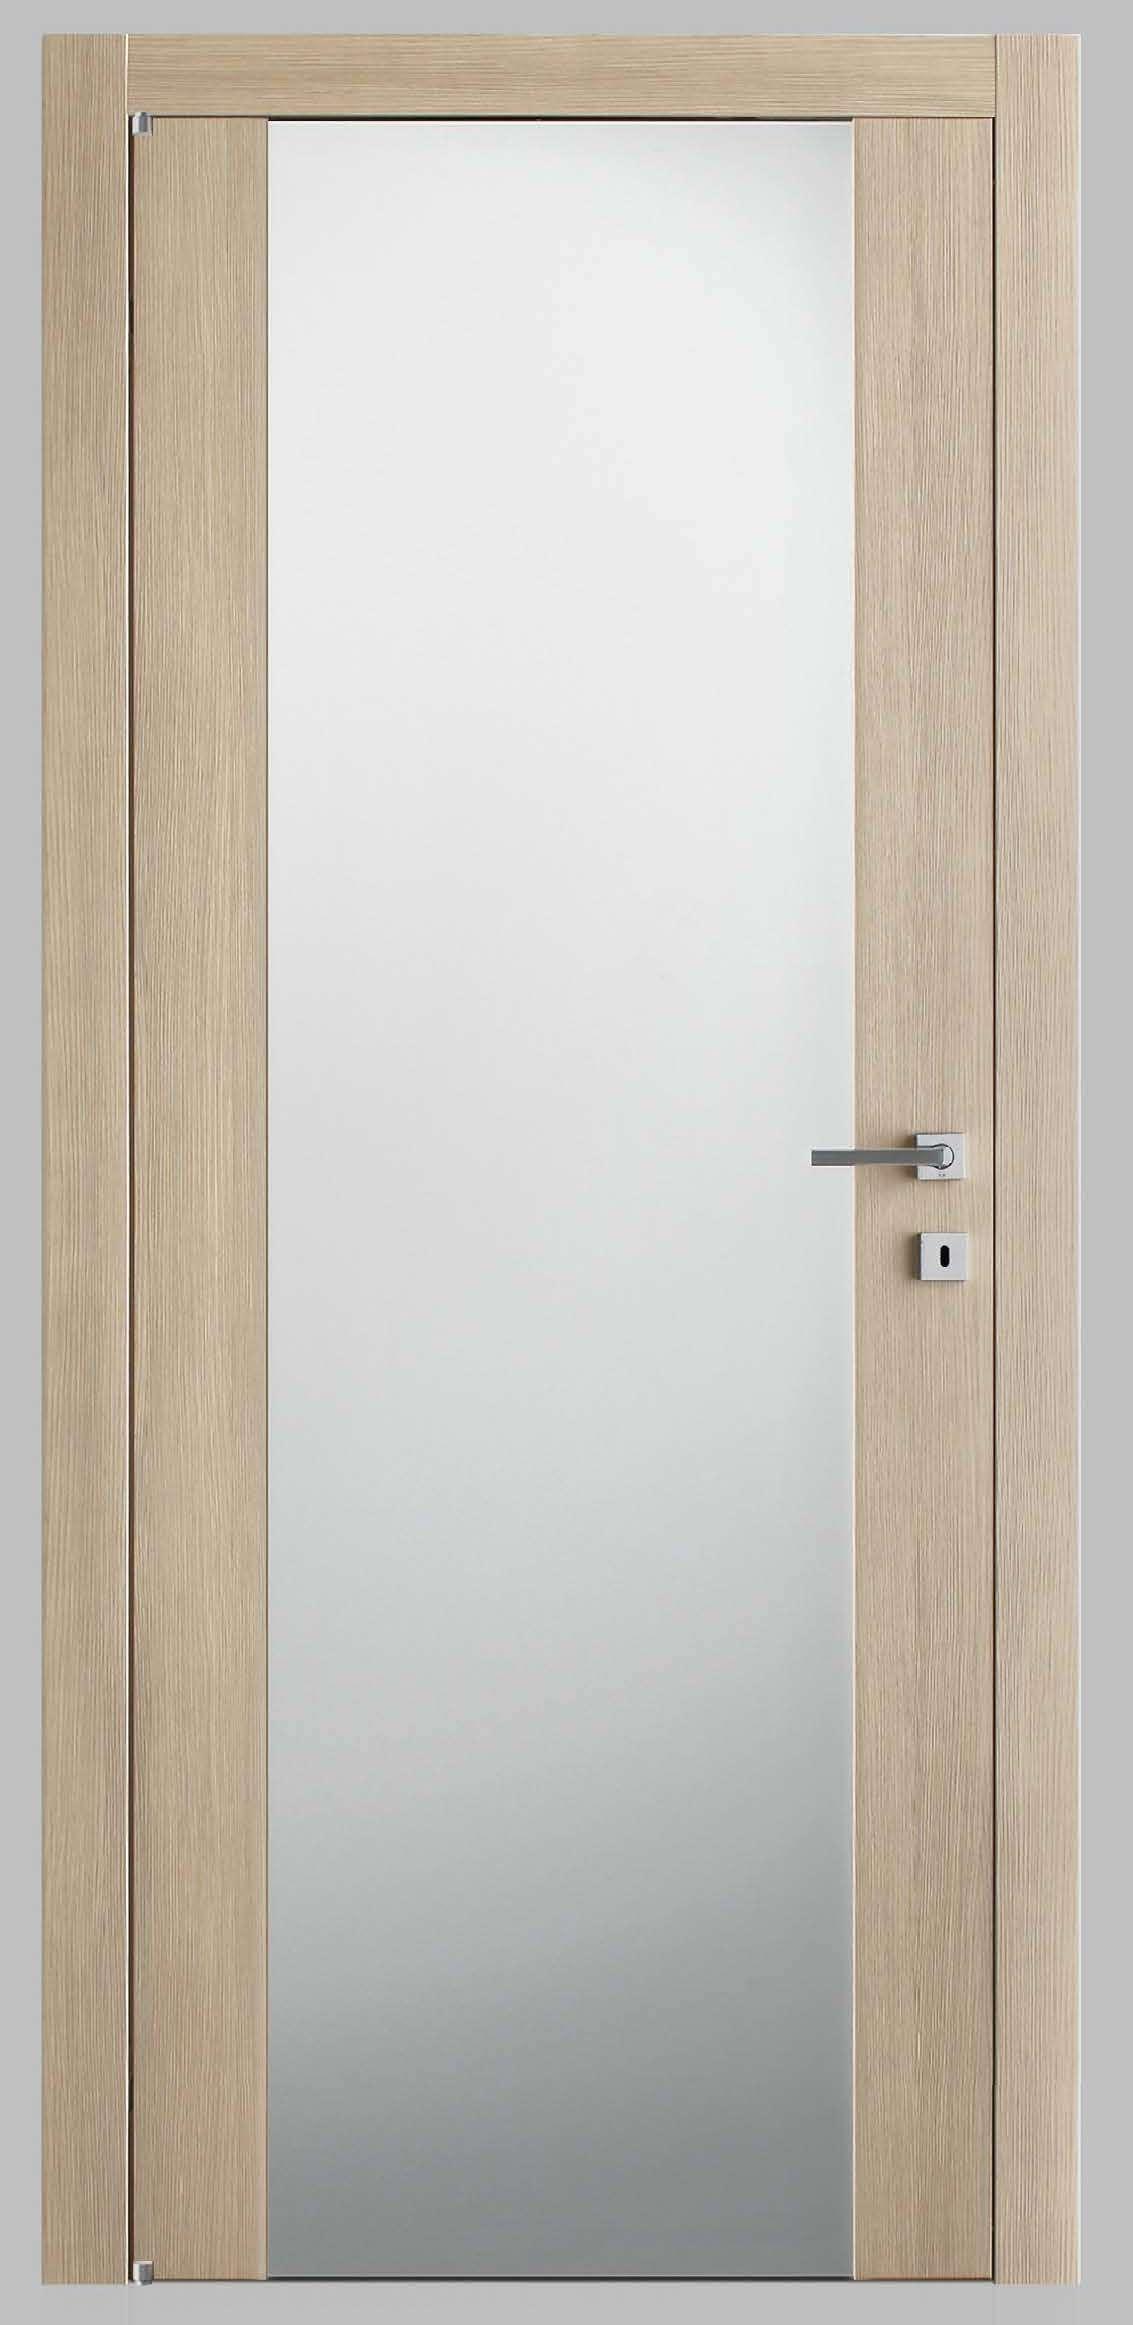 Porte Rovere Sbiancato Spazzolato le porte interne per la tua casa design e qualità in un